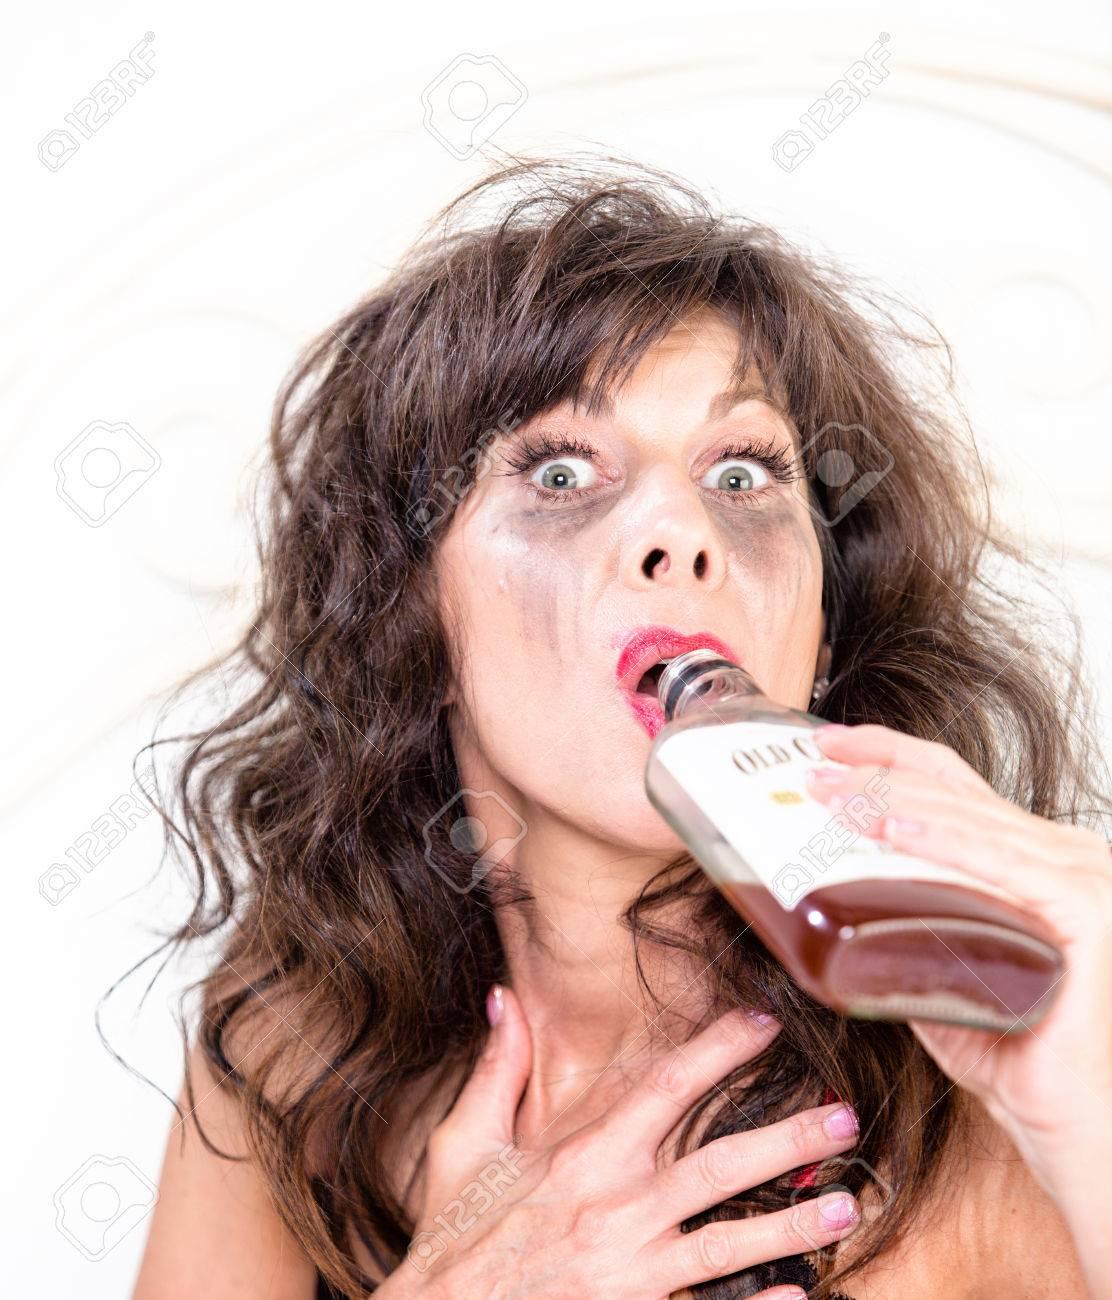 Teen retro porno